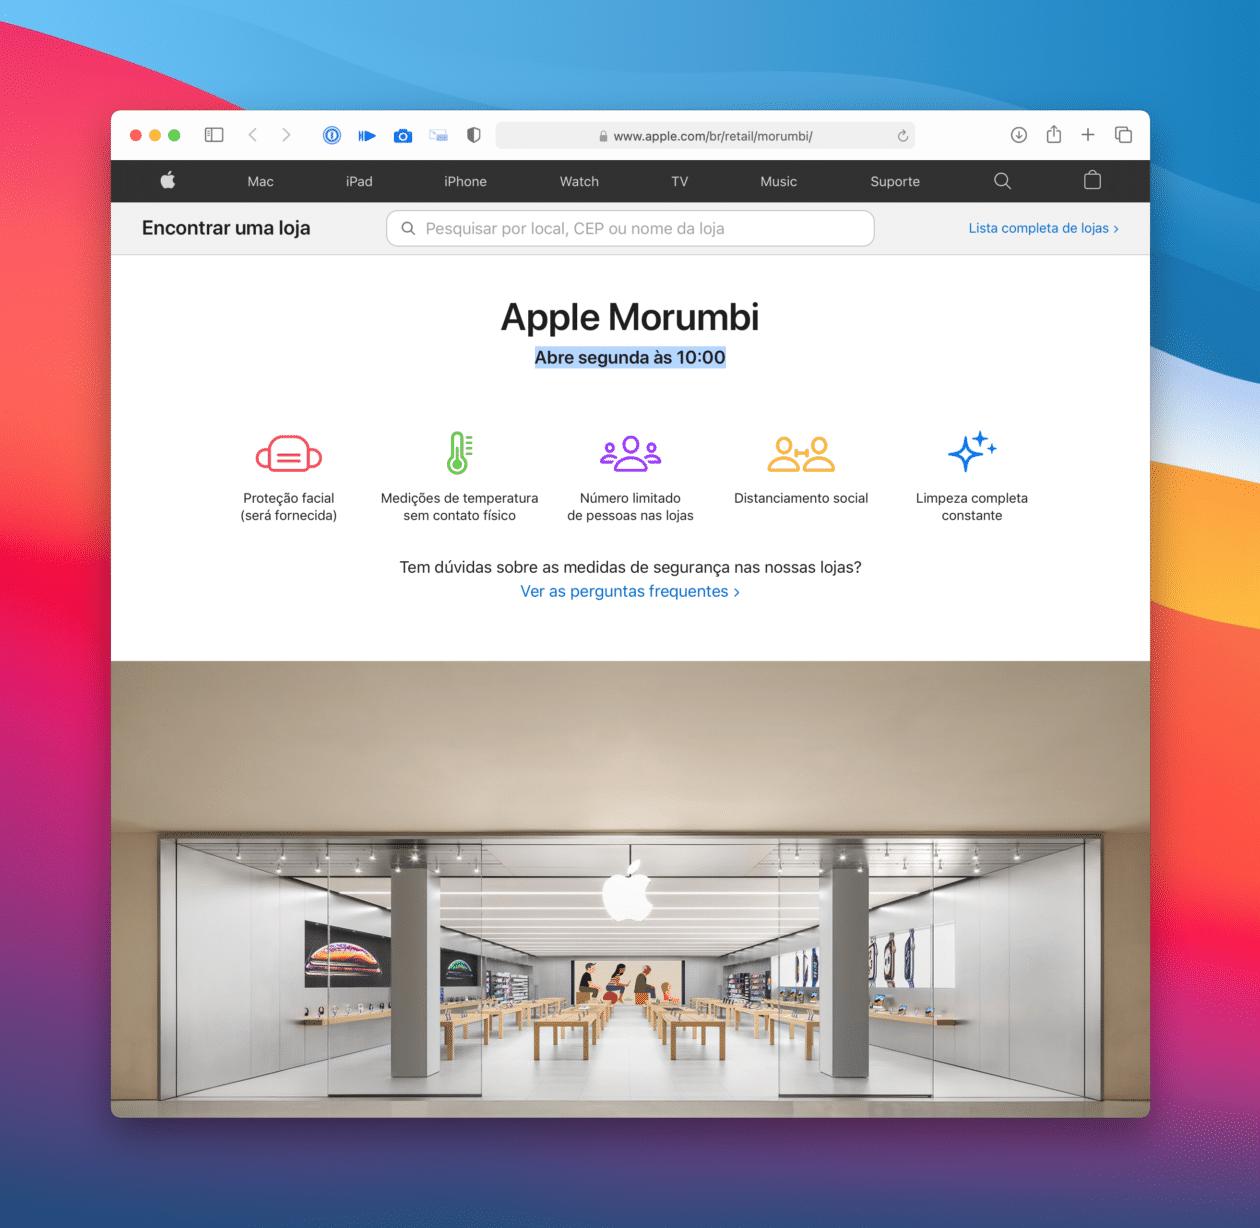 Página da Apple Morumbi